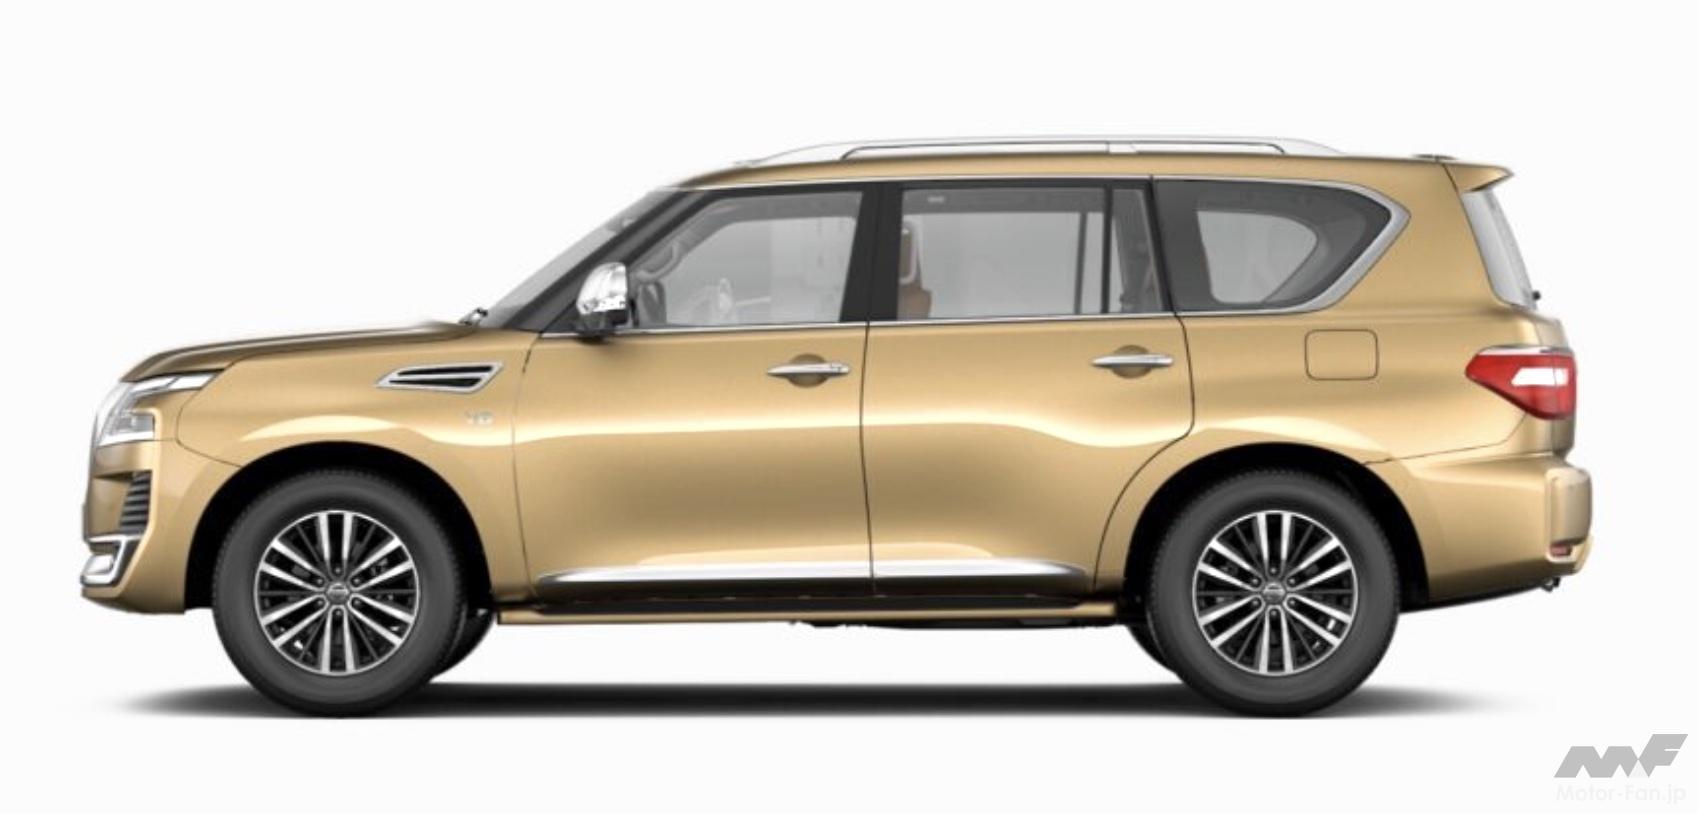 「日産SUV全14モデル マグナイト、キックス、エクストレイルから全長5.3m超のパトロールまで多彩な顔ぶれ」の36枚目の画像